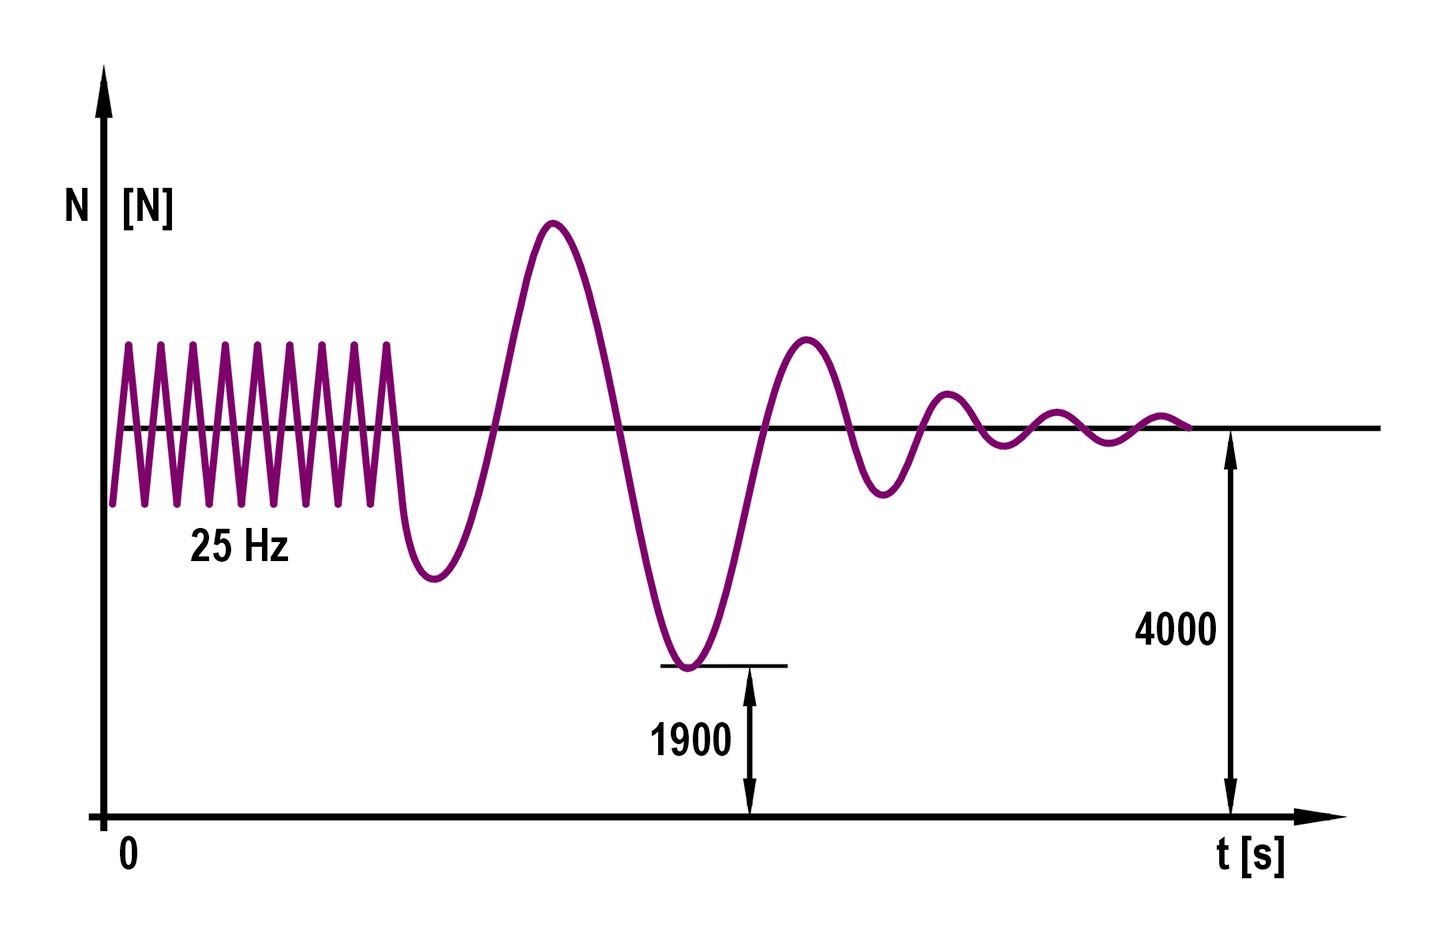 5. Interpretacja graficzna wskaźnika (liczby) Eusama [1]: E = 1900/4000 x 100 = 47%